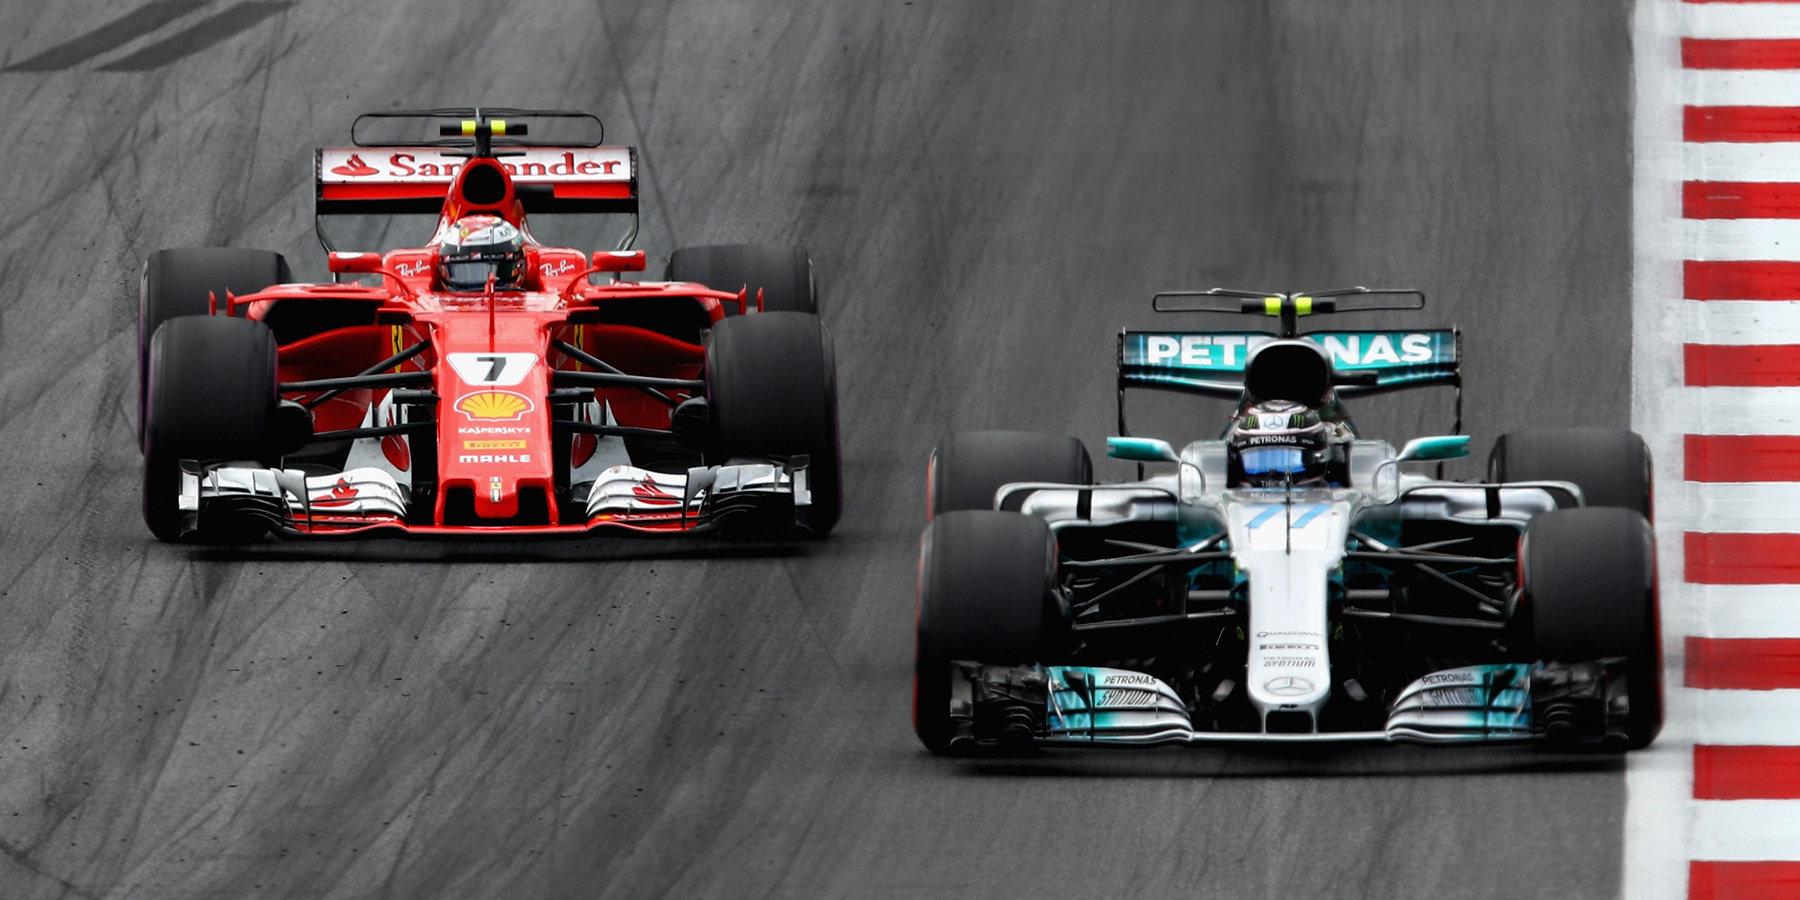 Гран-при Сингапура 2019. Формула 1 изоражения